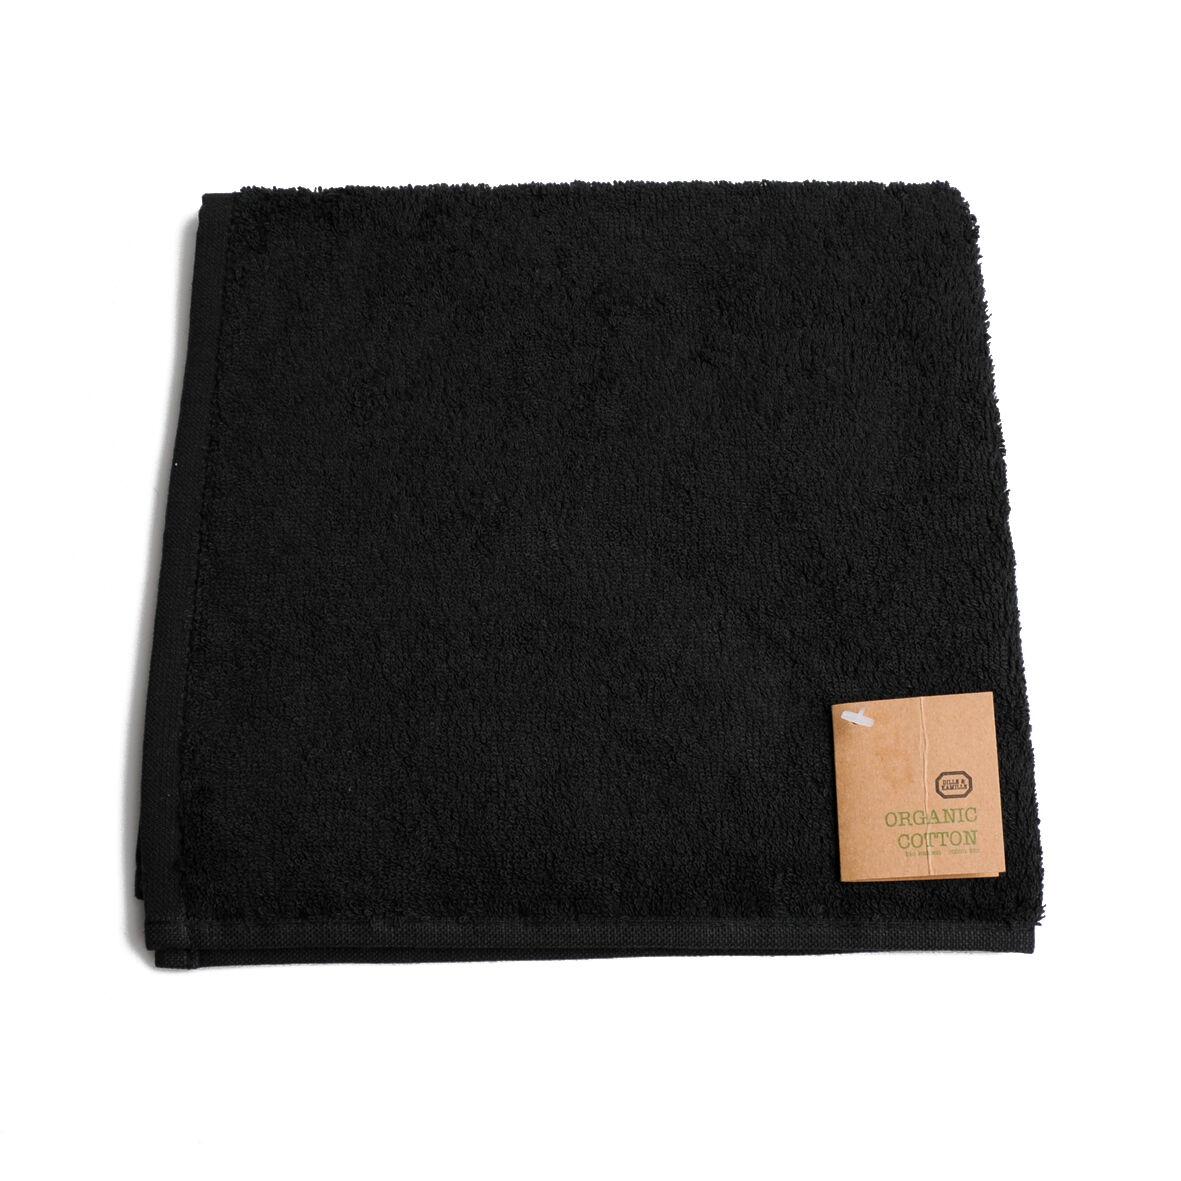 Dille&Kamille Essuie-mains, coton bio, noir,, 50 x 50 cm